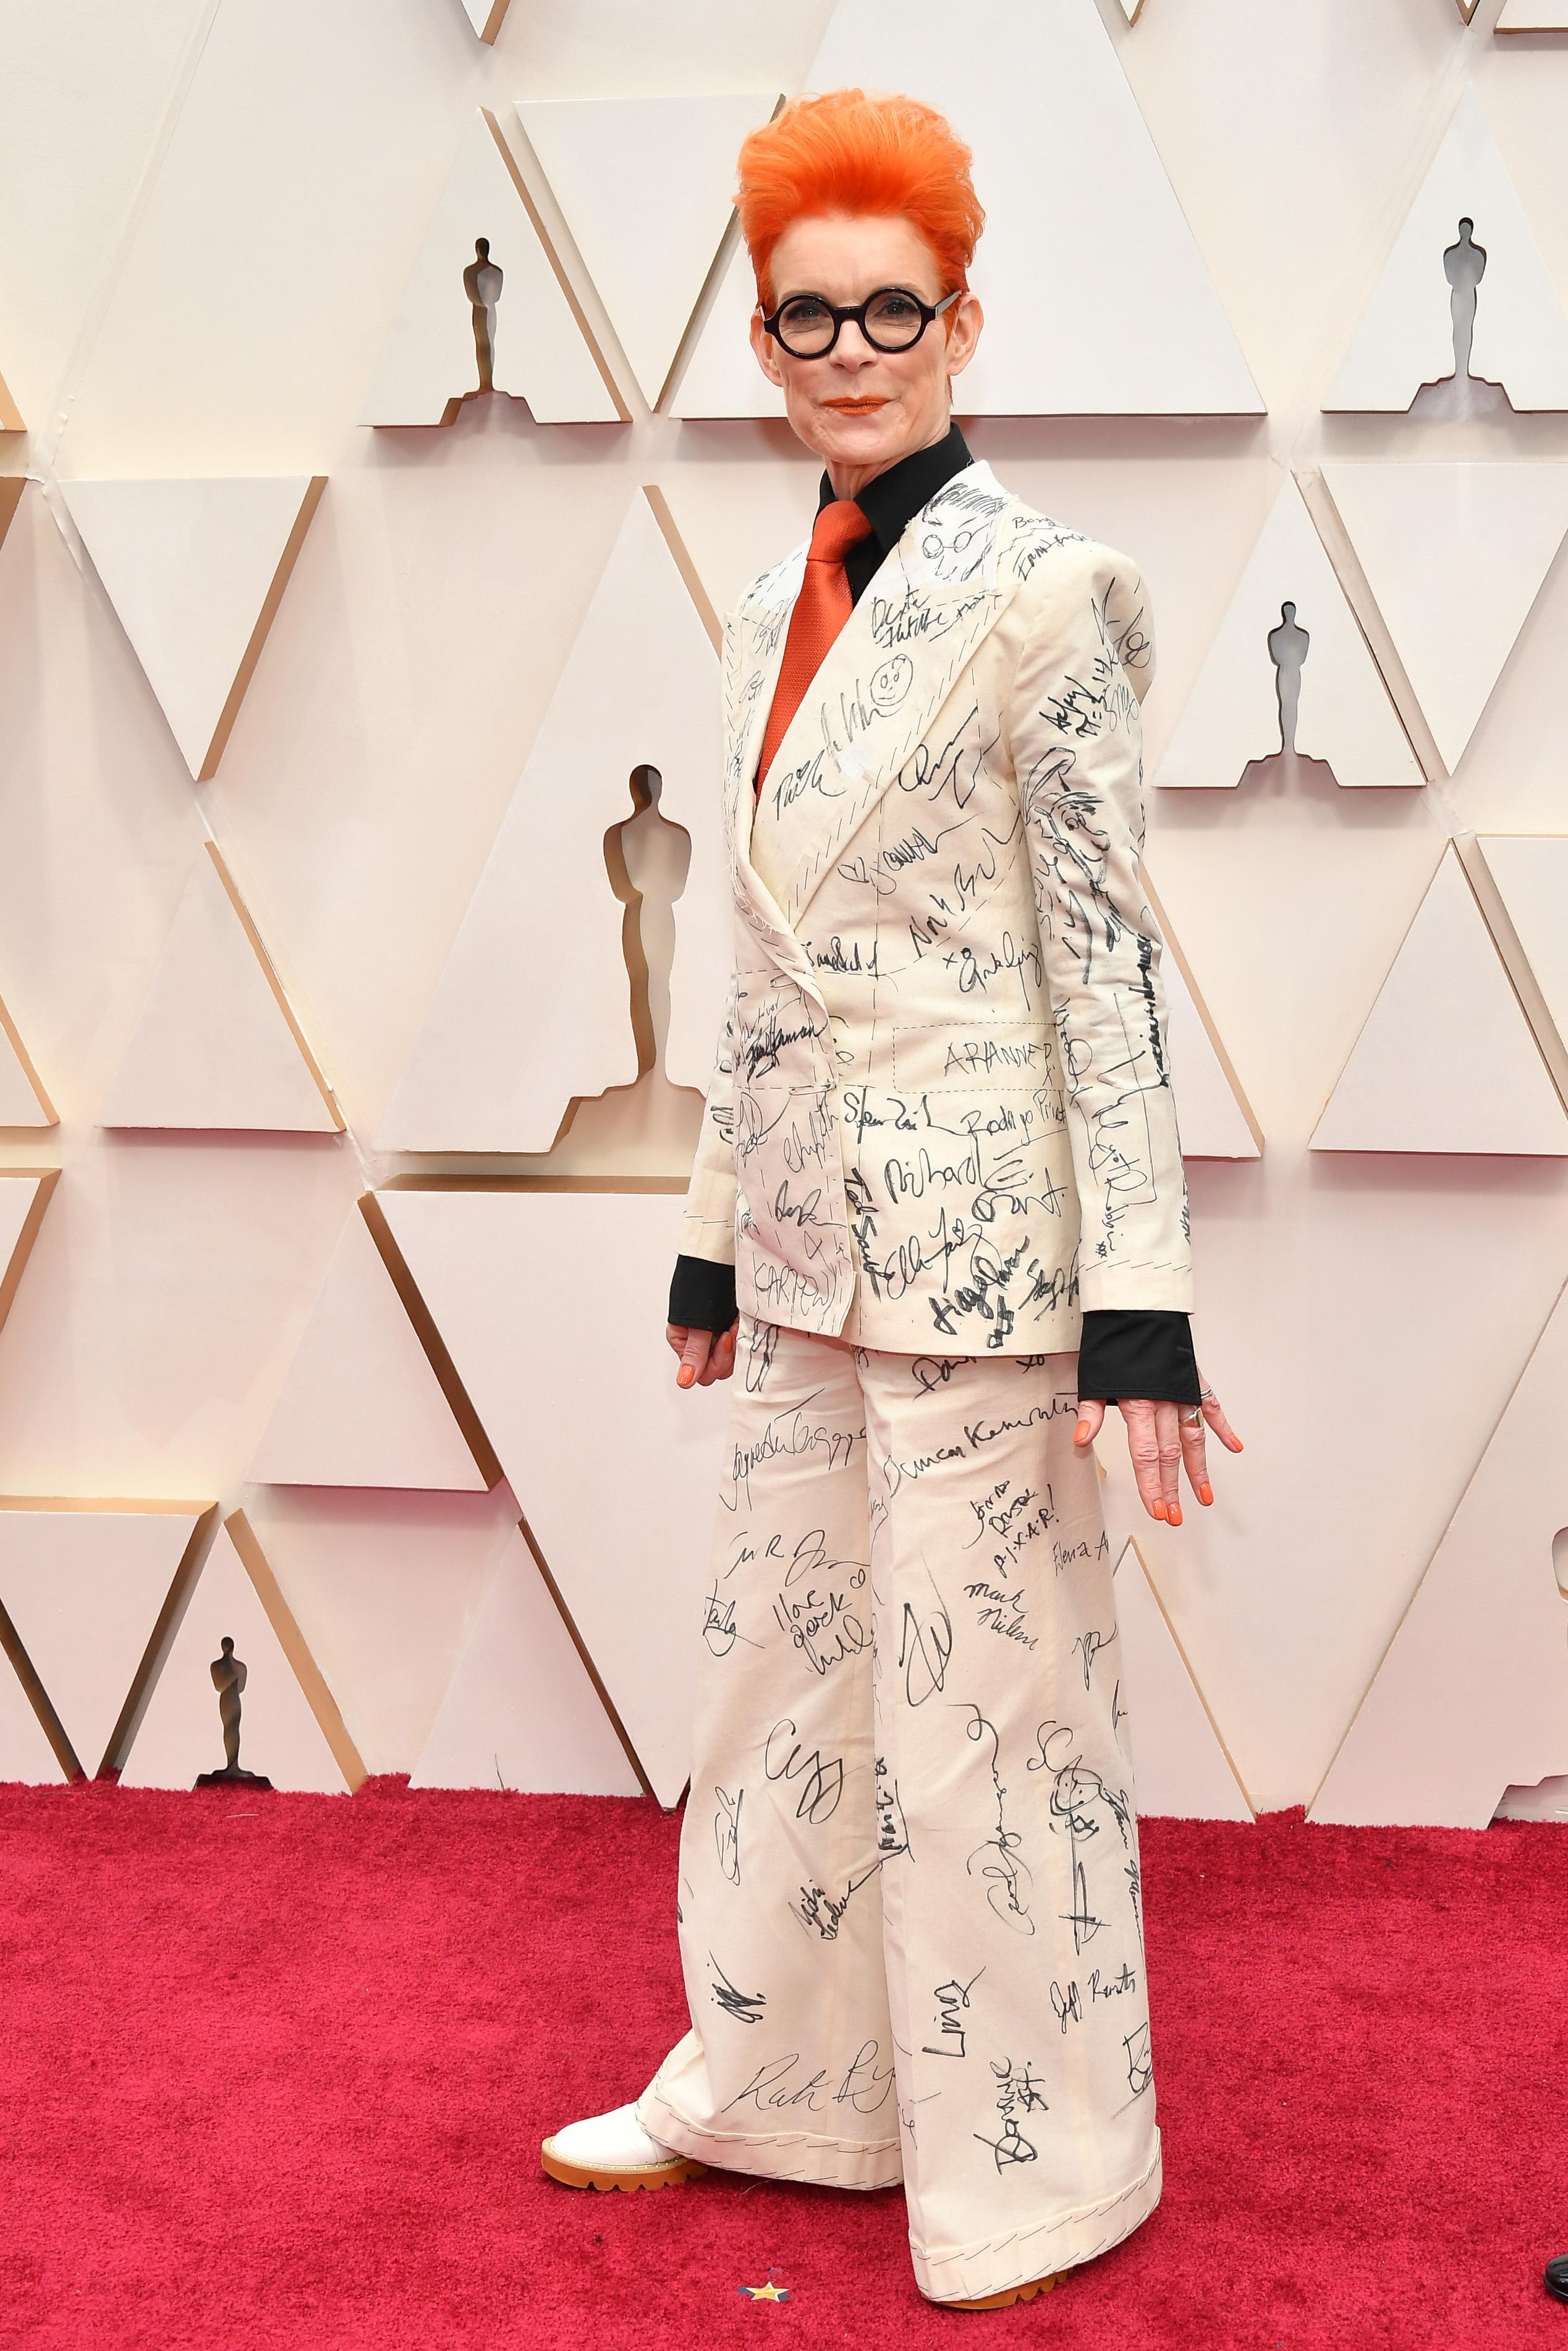 Санди Пауъл  Дизайнерката на костюми кара всеки един от присъстващите на церемонията знаменитости да се разпише върху аутфита й, за да може да го продаде след това на търг с благотворителна цел.